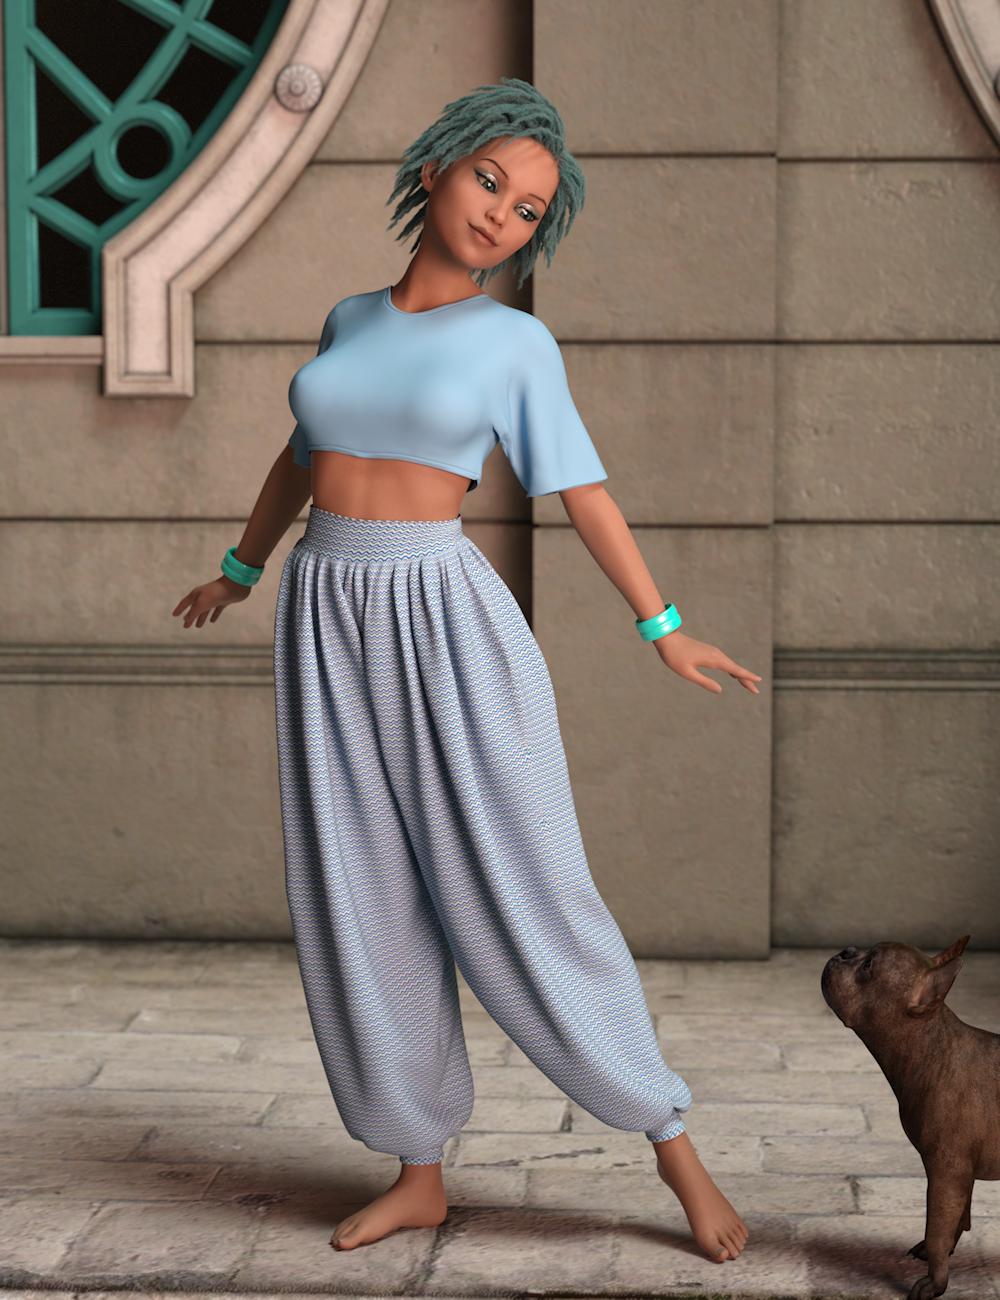 AQ Lulu for Genesis 8 Female by: Aquarius, 3D Models by Daz 3D